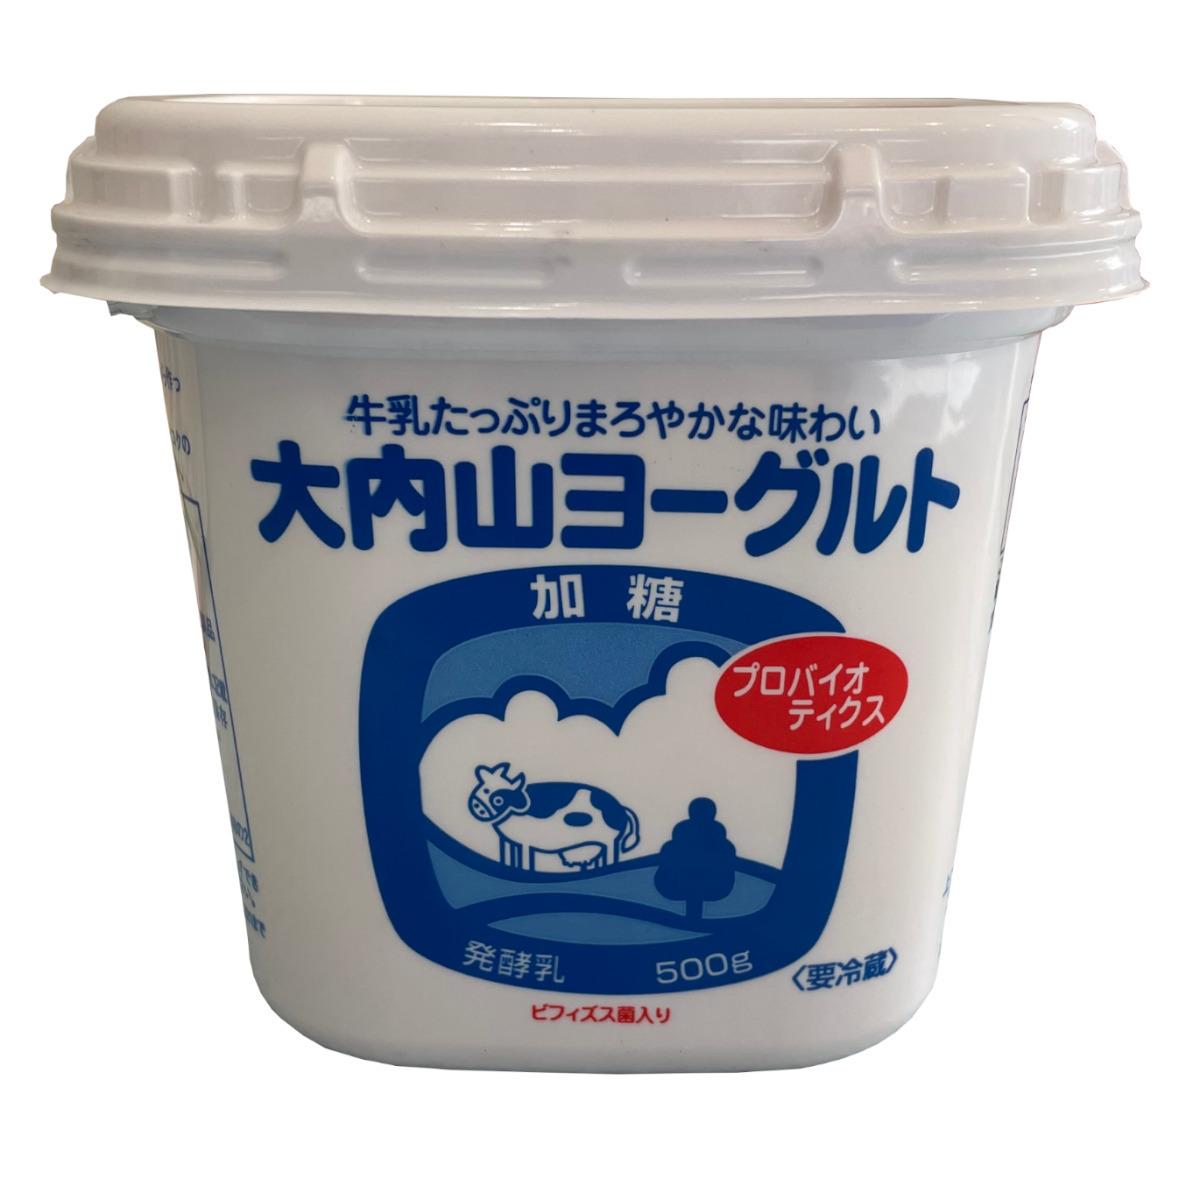 ☆加糖タイプ生きた4種類の乳酸菌☆ 18%OFF 大内山酪農 絶品 500g 大内山加糖ヨーグルト